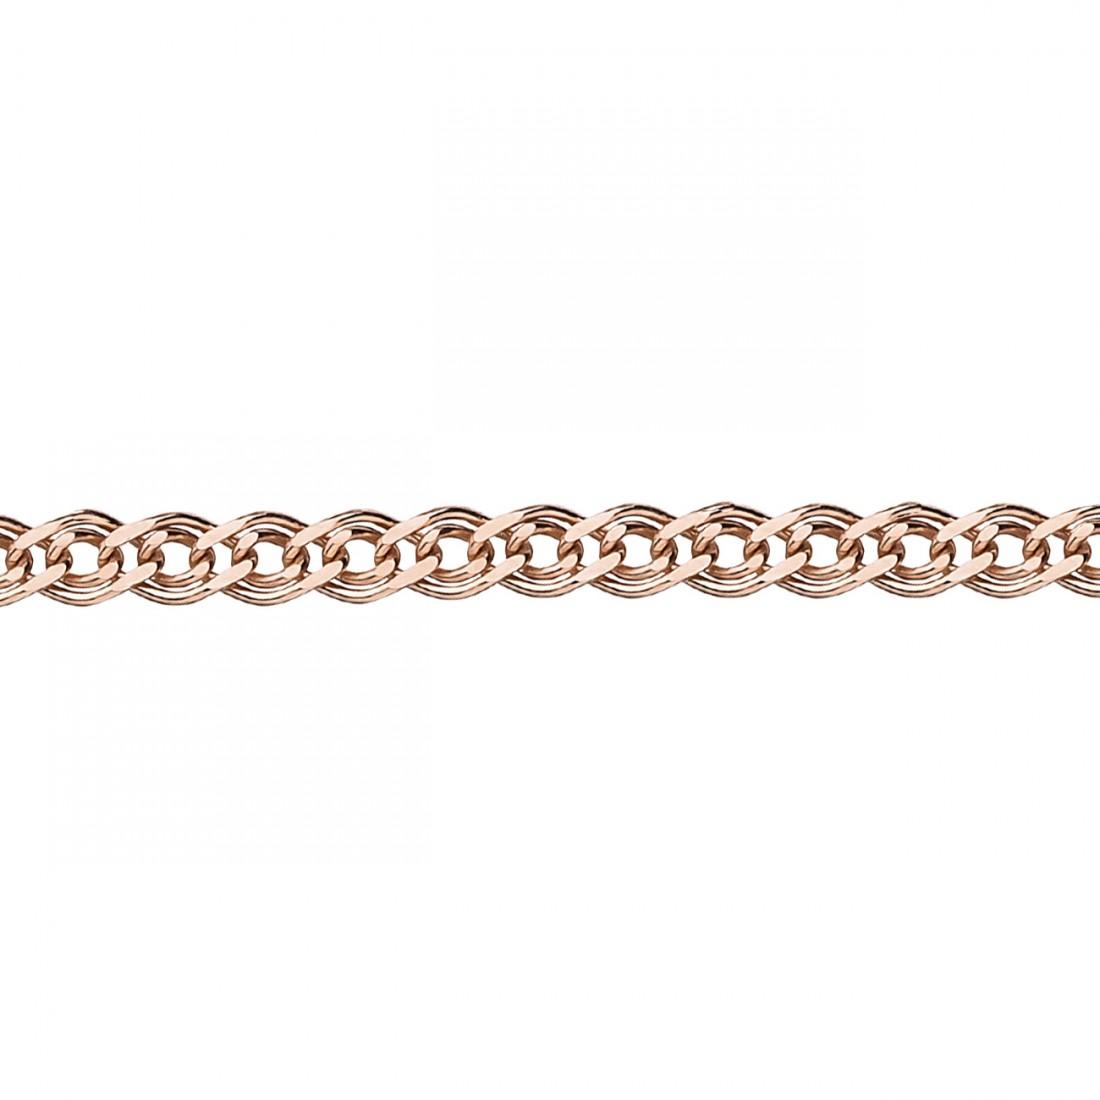 Облегченная цепь из золота арт. 8050155п 8050155п